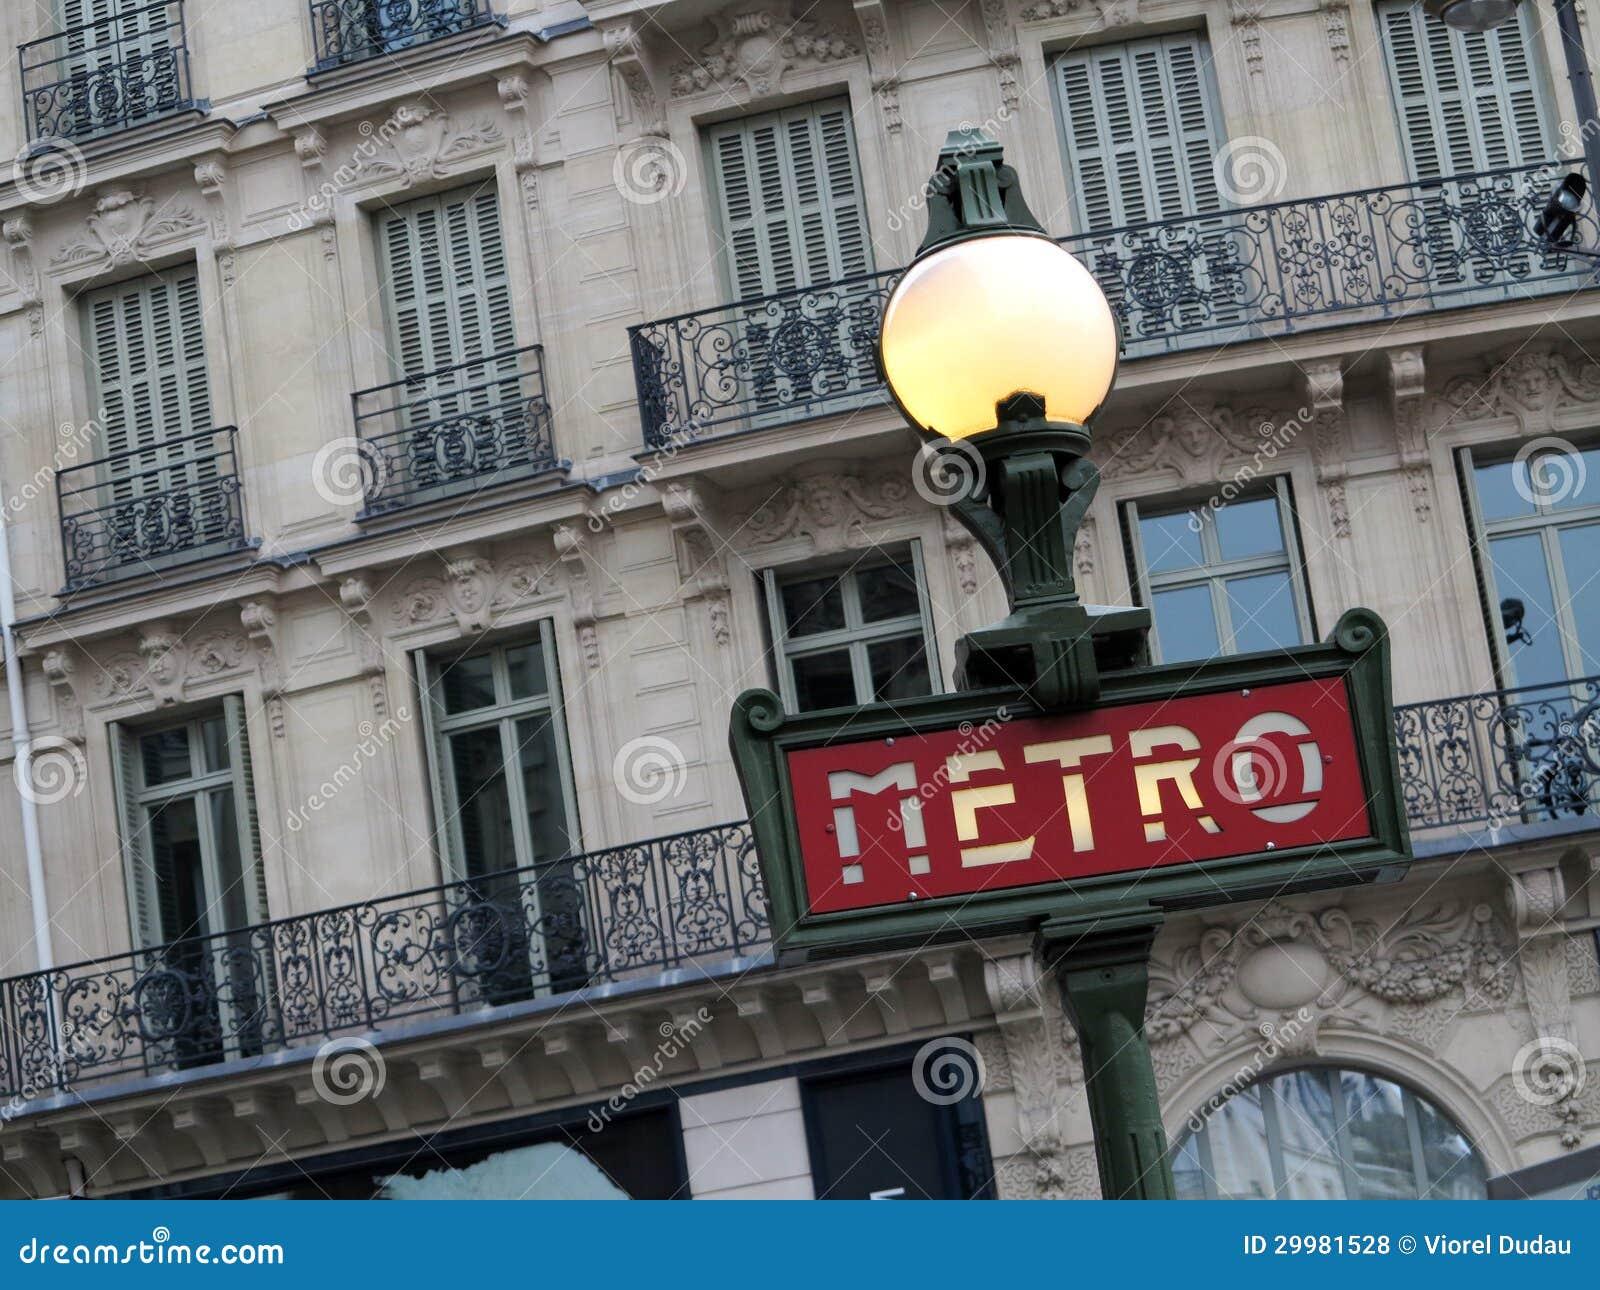 La métro signent dedans Paris